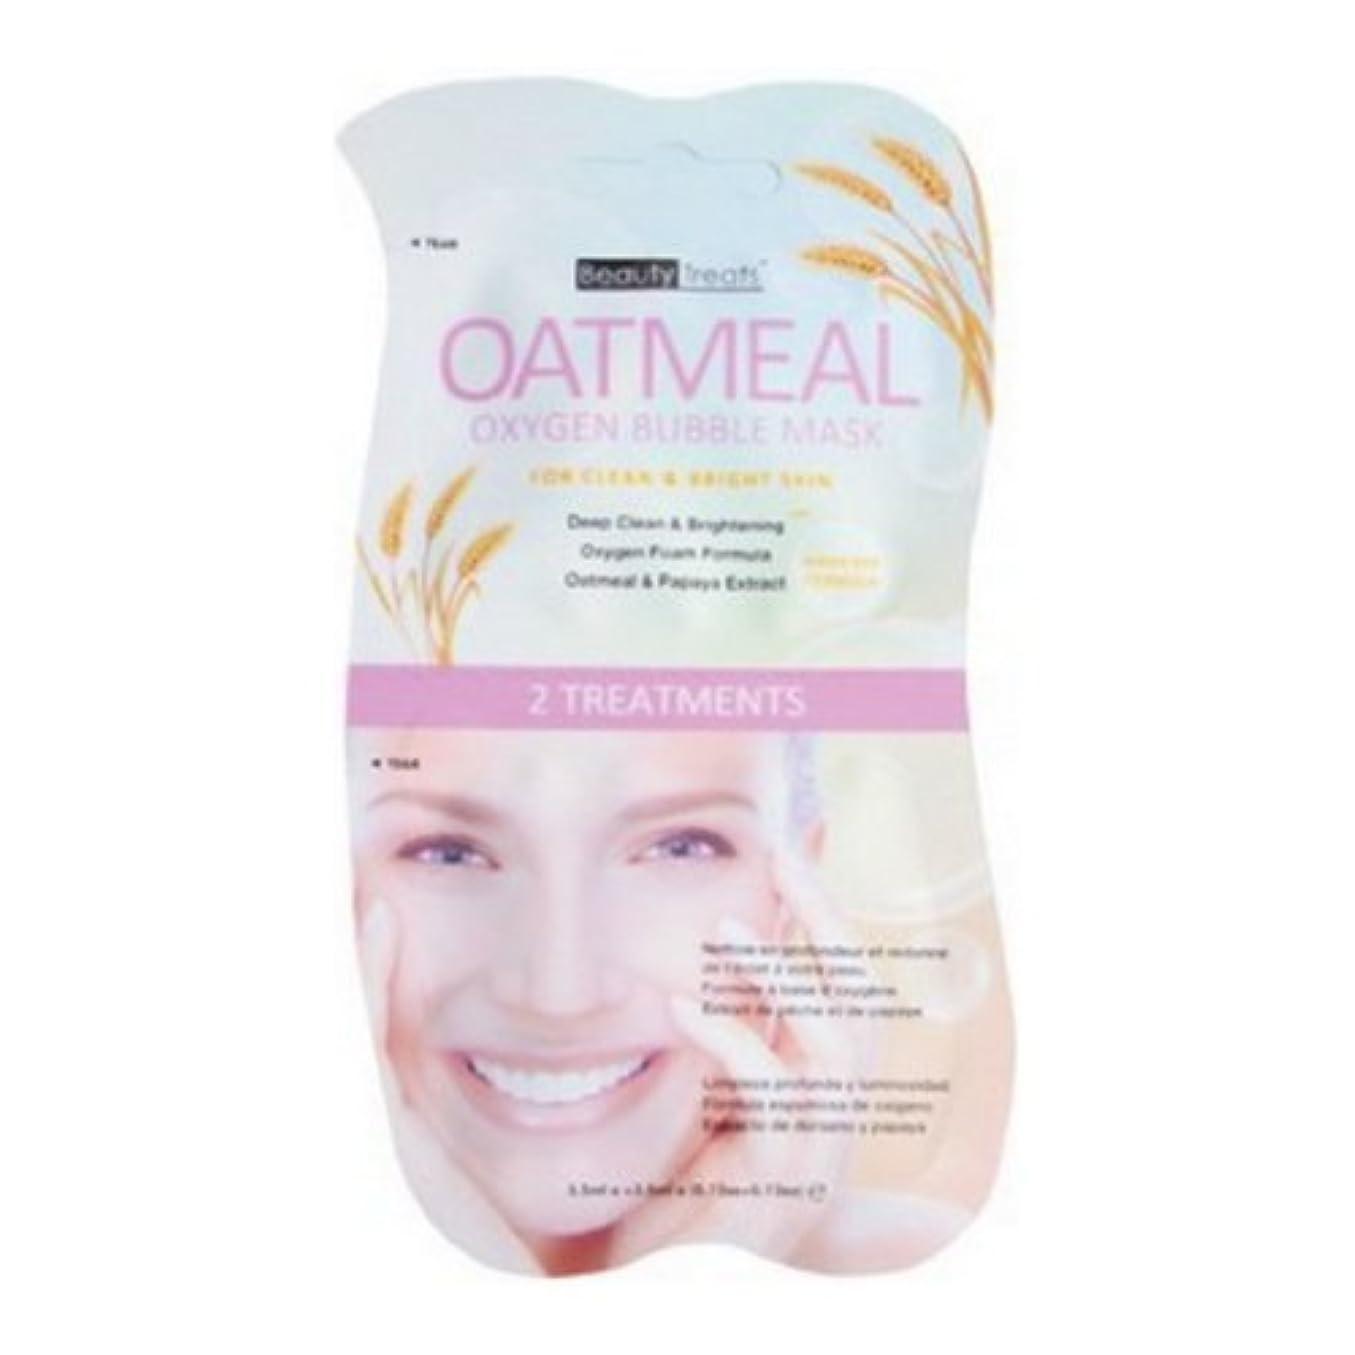 四回エジプト男らしい(6 Pack) BEAUTY TREATS Oatmeal Oxygen Bubble Mask - Oatmeal (並行輸入品)